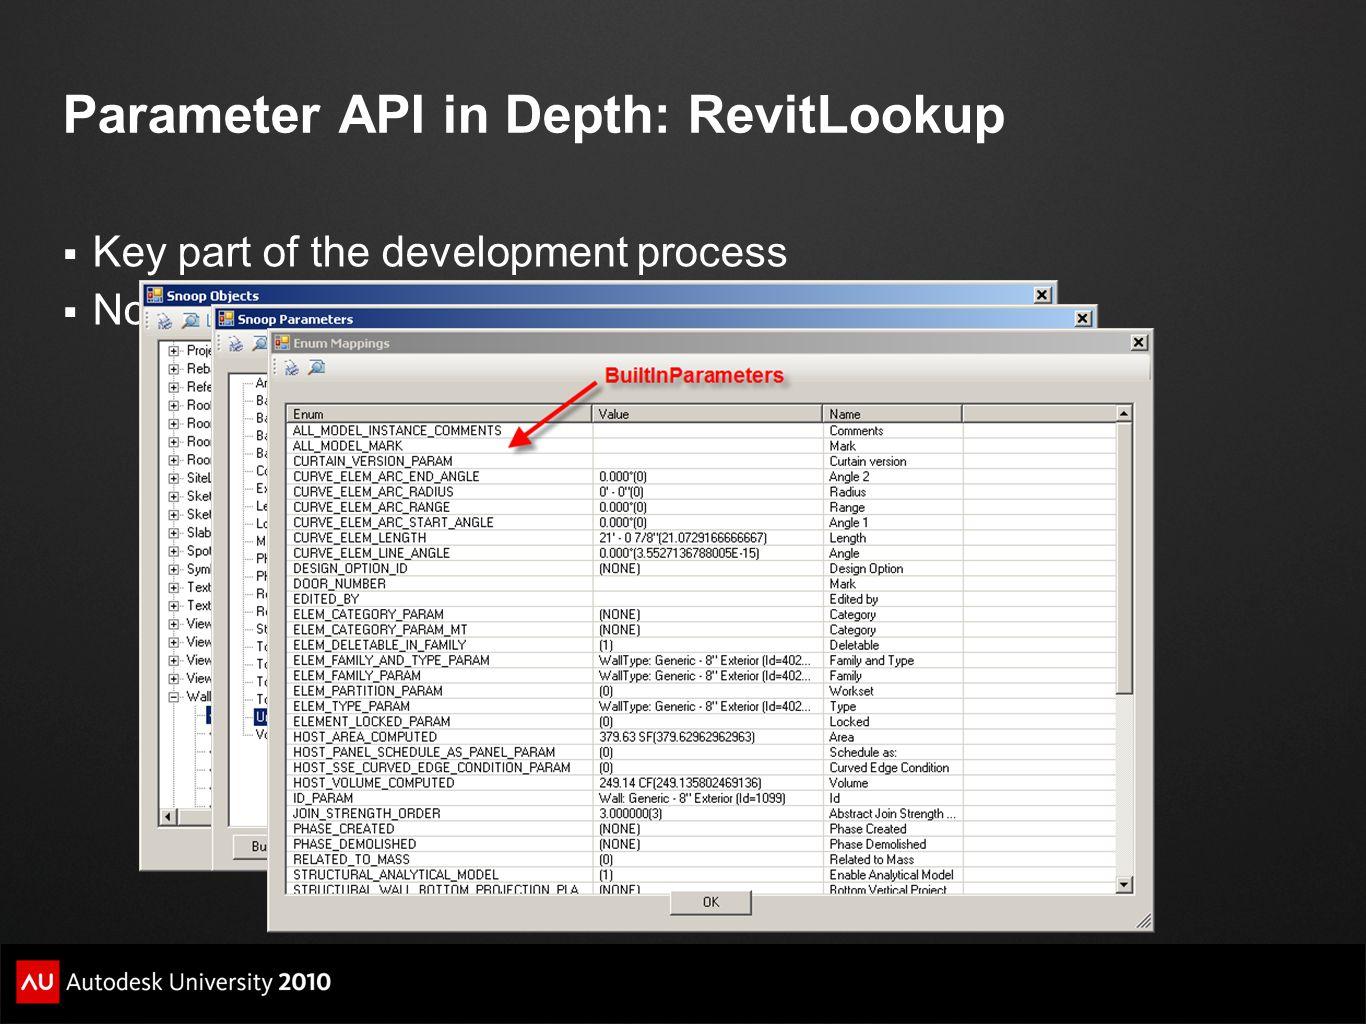 Parameter API in Depth: RevitLookup